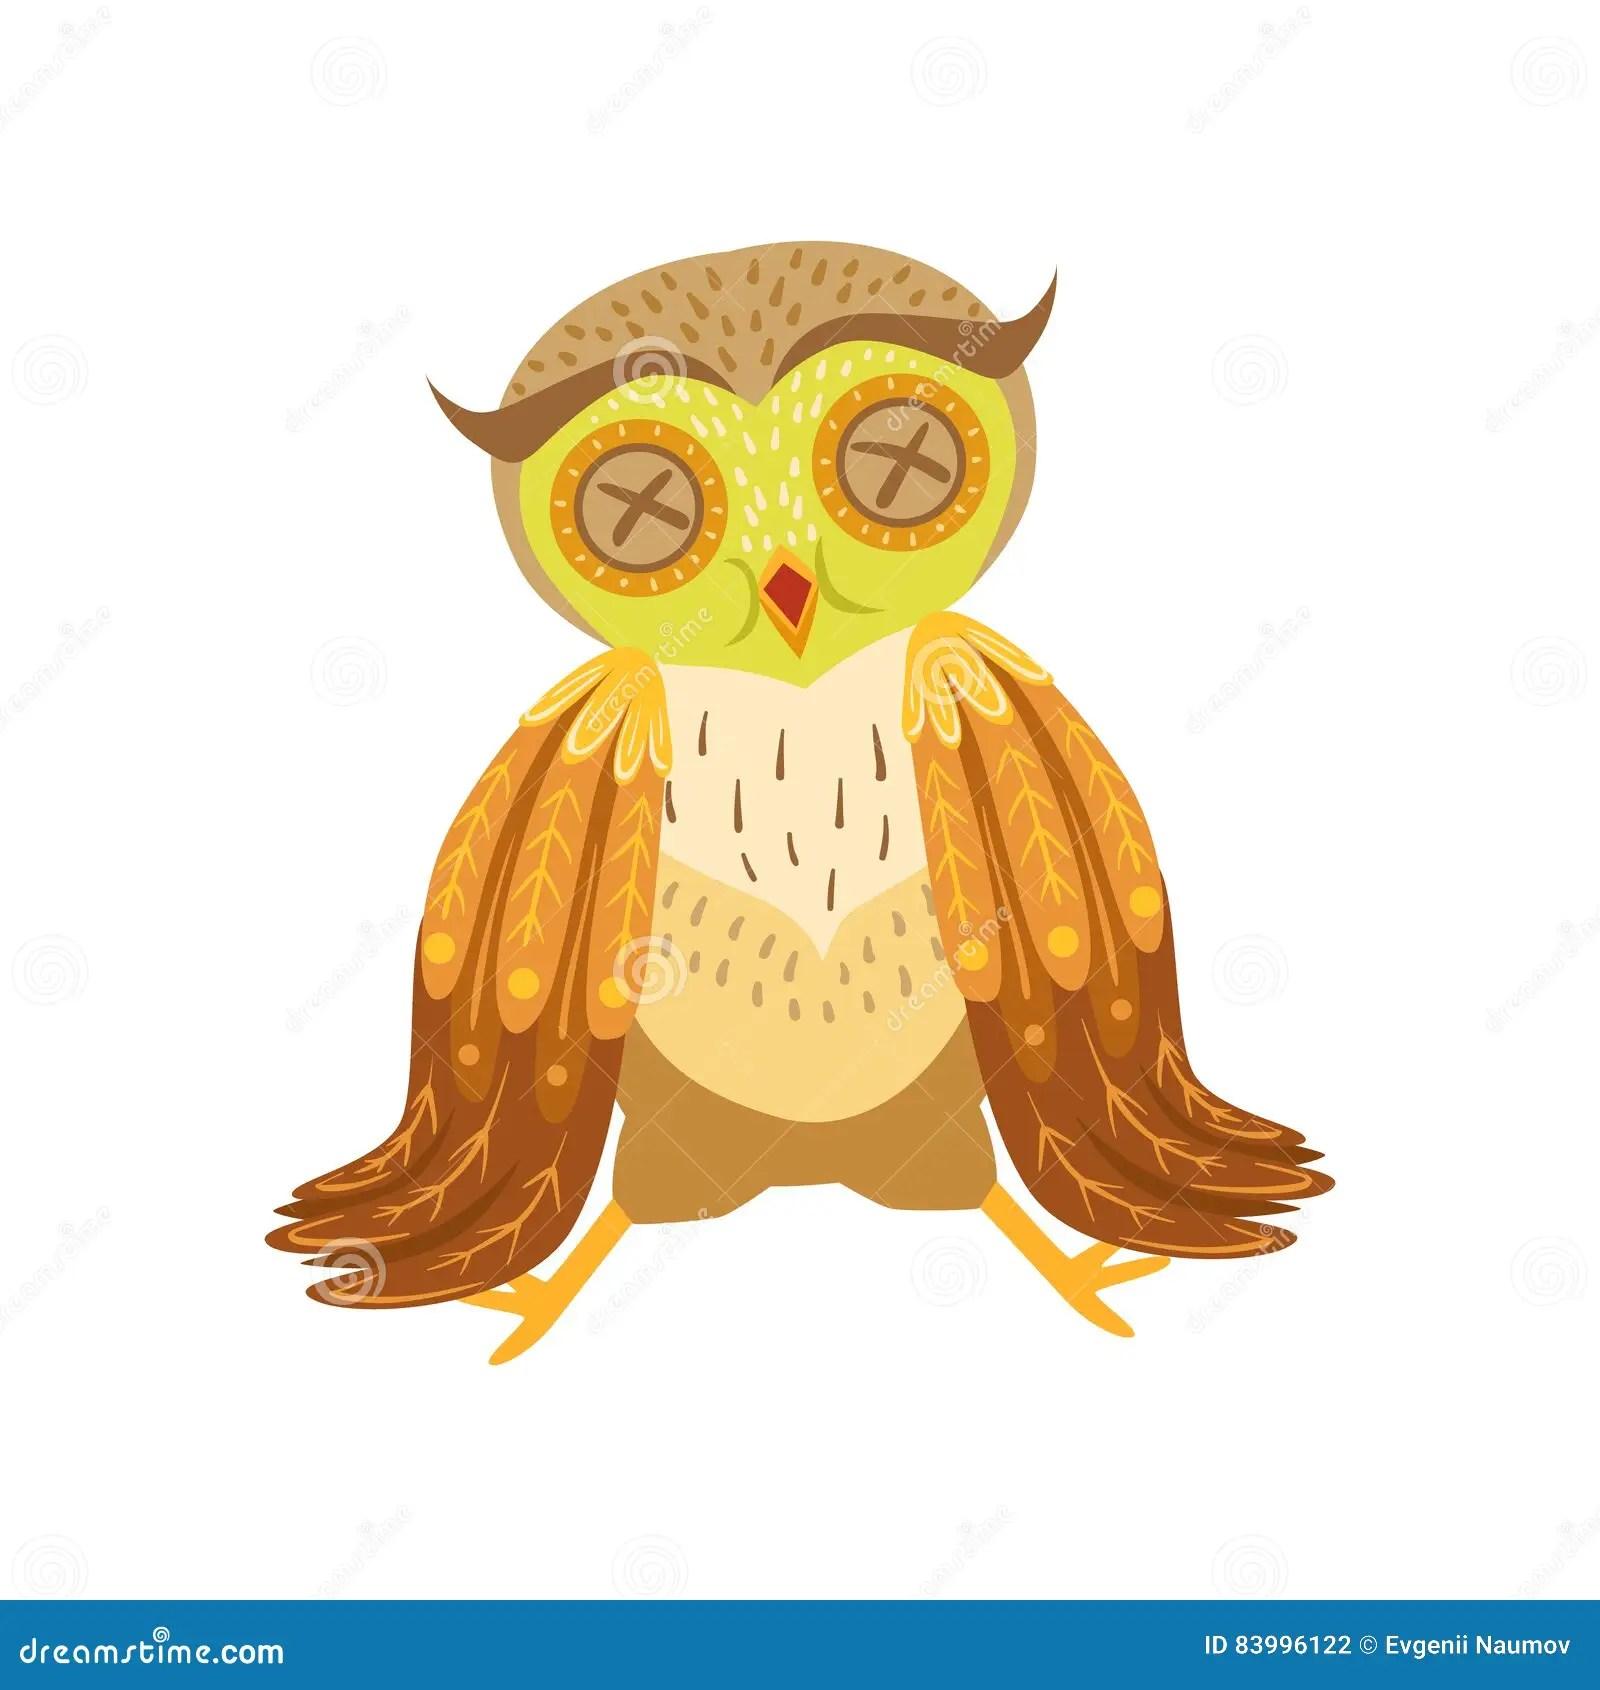 Image of: Vector Ziek Owl Cute Cartoon Character Emoji Met Forest Bird Showing Human Emotions En Gedrag Dreamstime Ziek Owl Cute Cartoon Character Emoji Met Forest Bird Showing Human